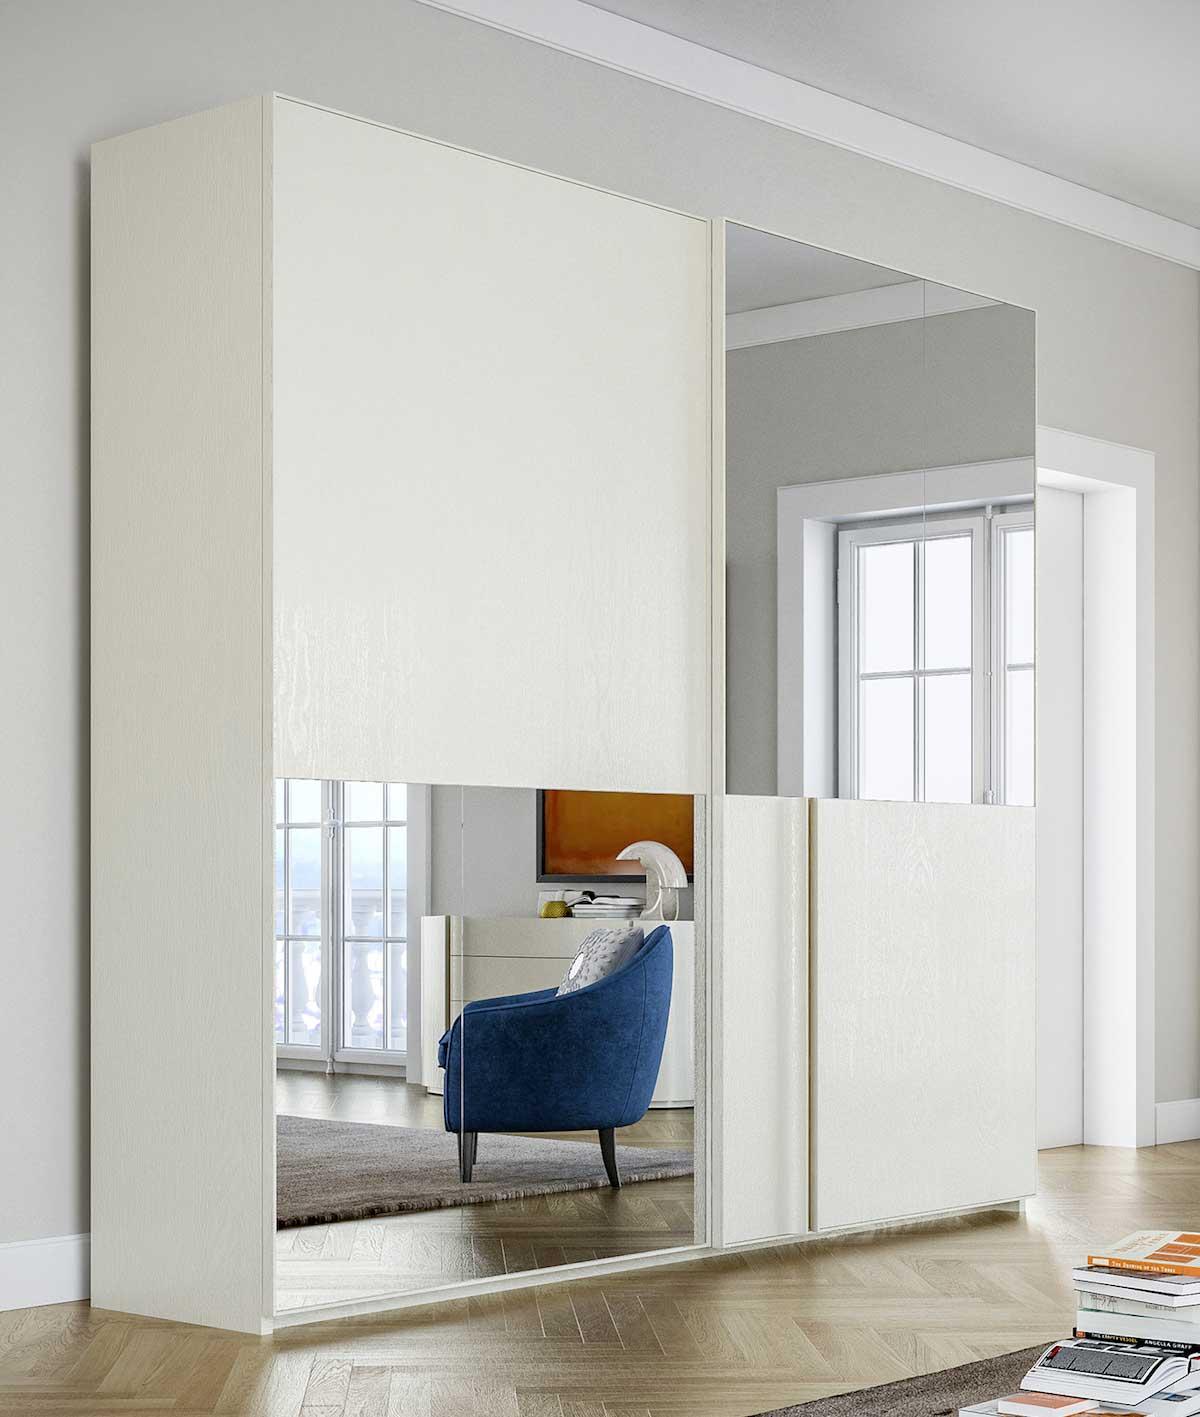 Jacqueline camere da letto moderne mobili sparaco for Camere da letto moderne mobilya megastore